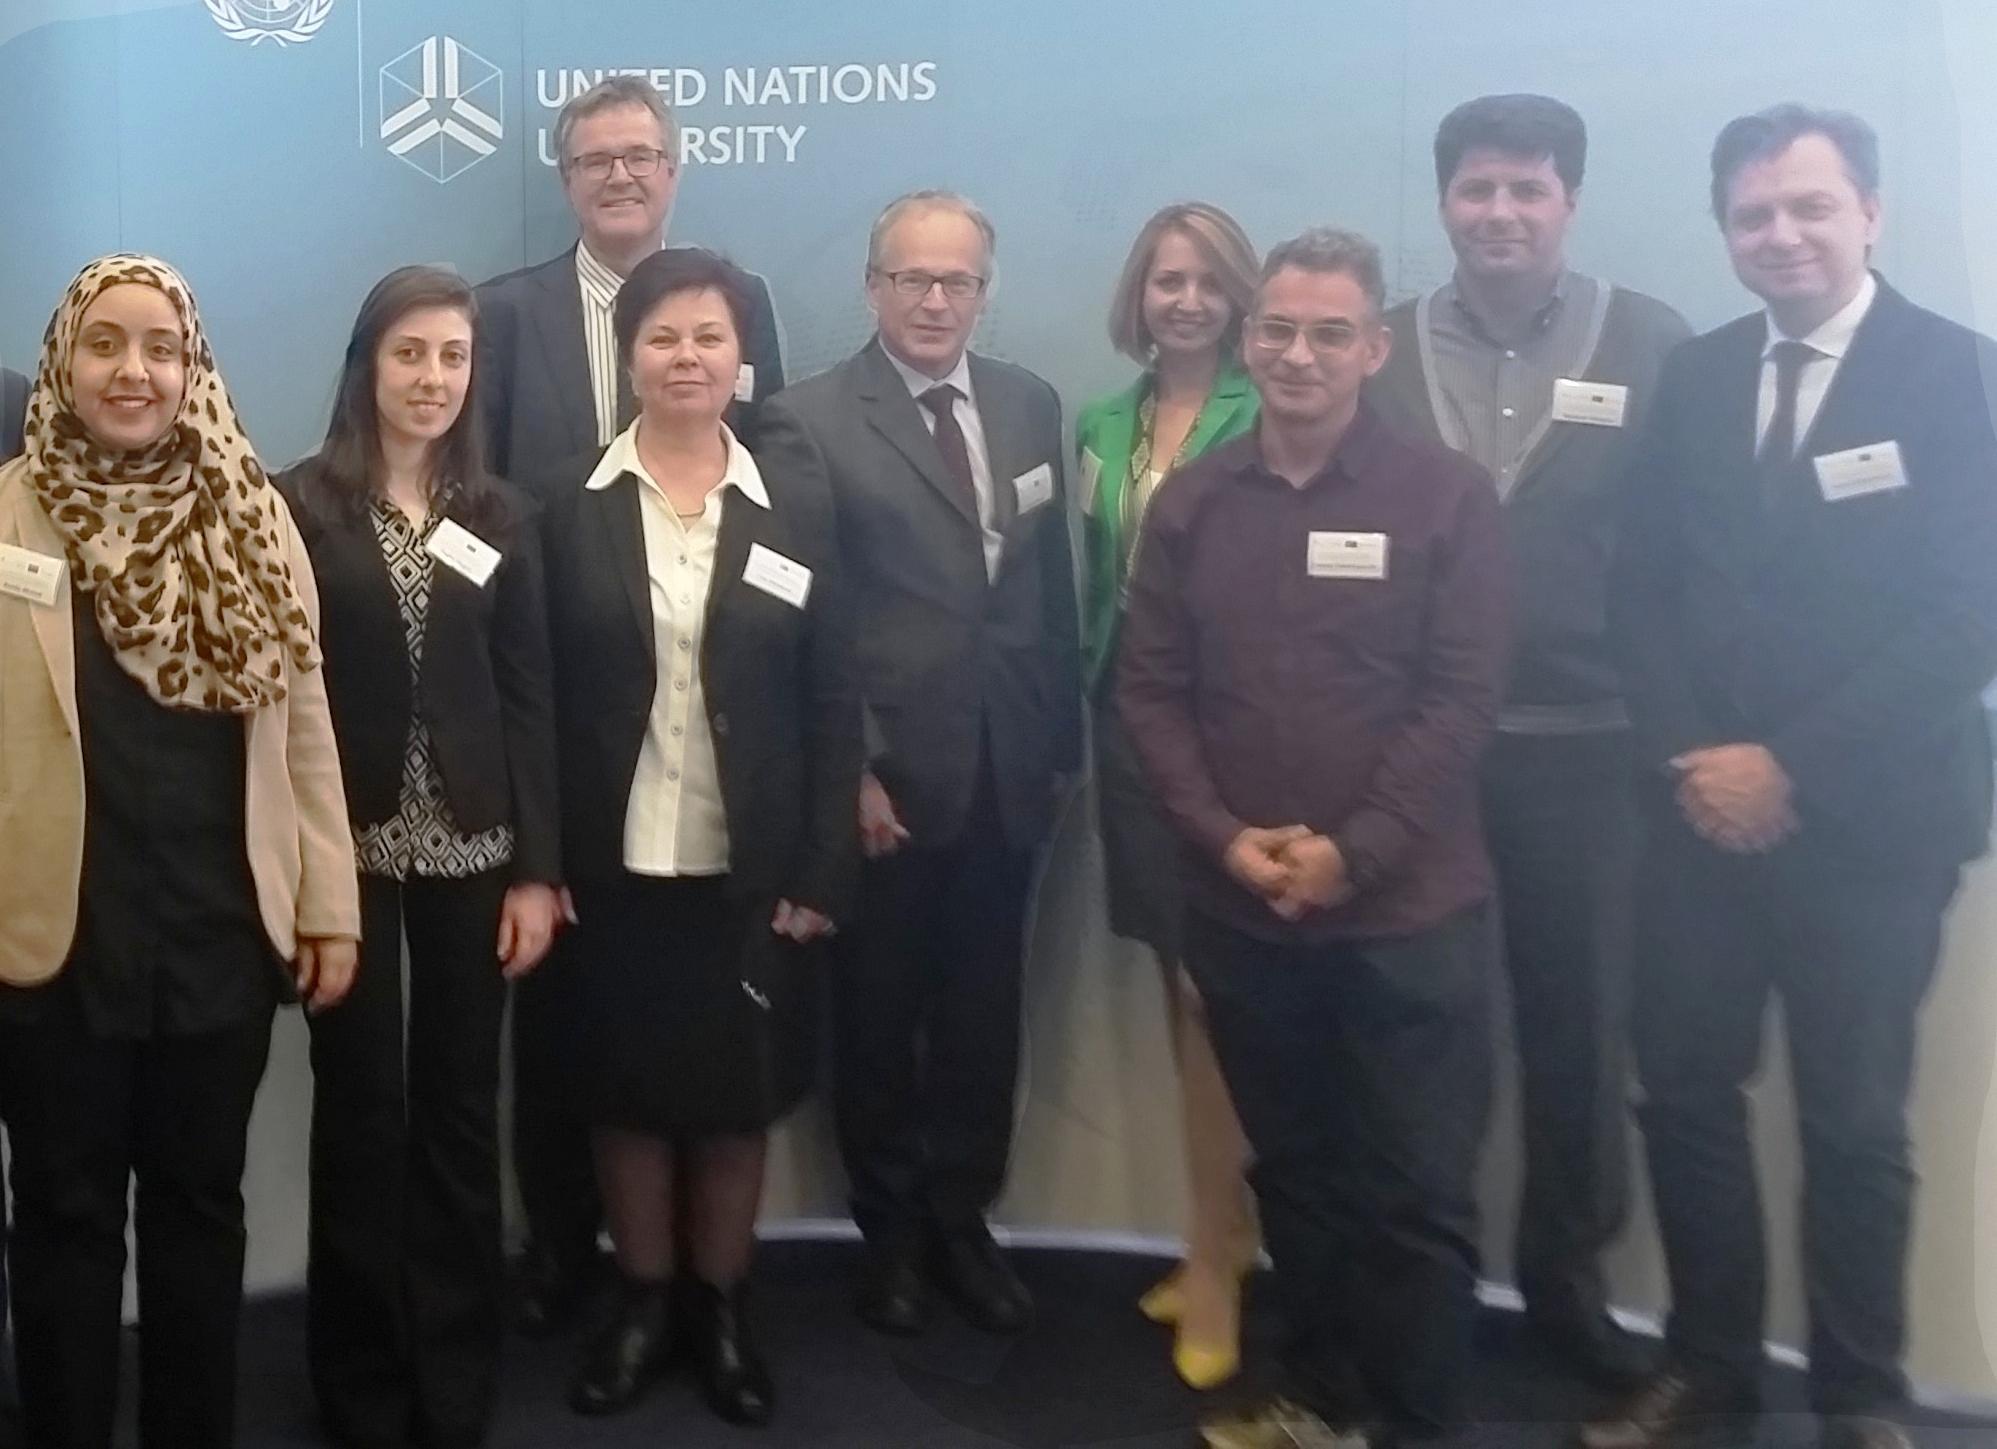 Khazar University Department Chair Visits UN University